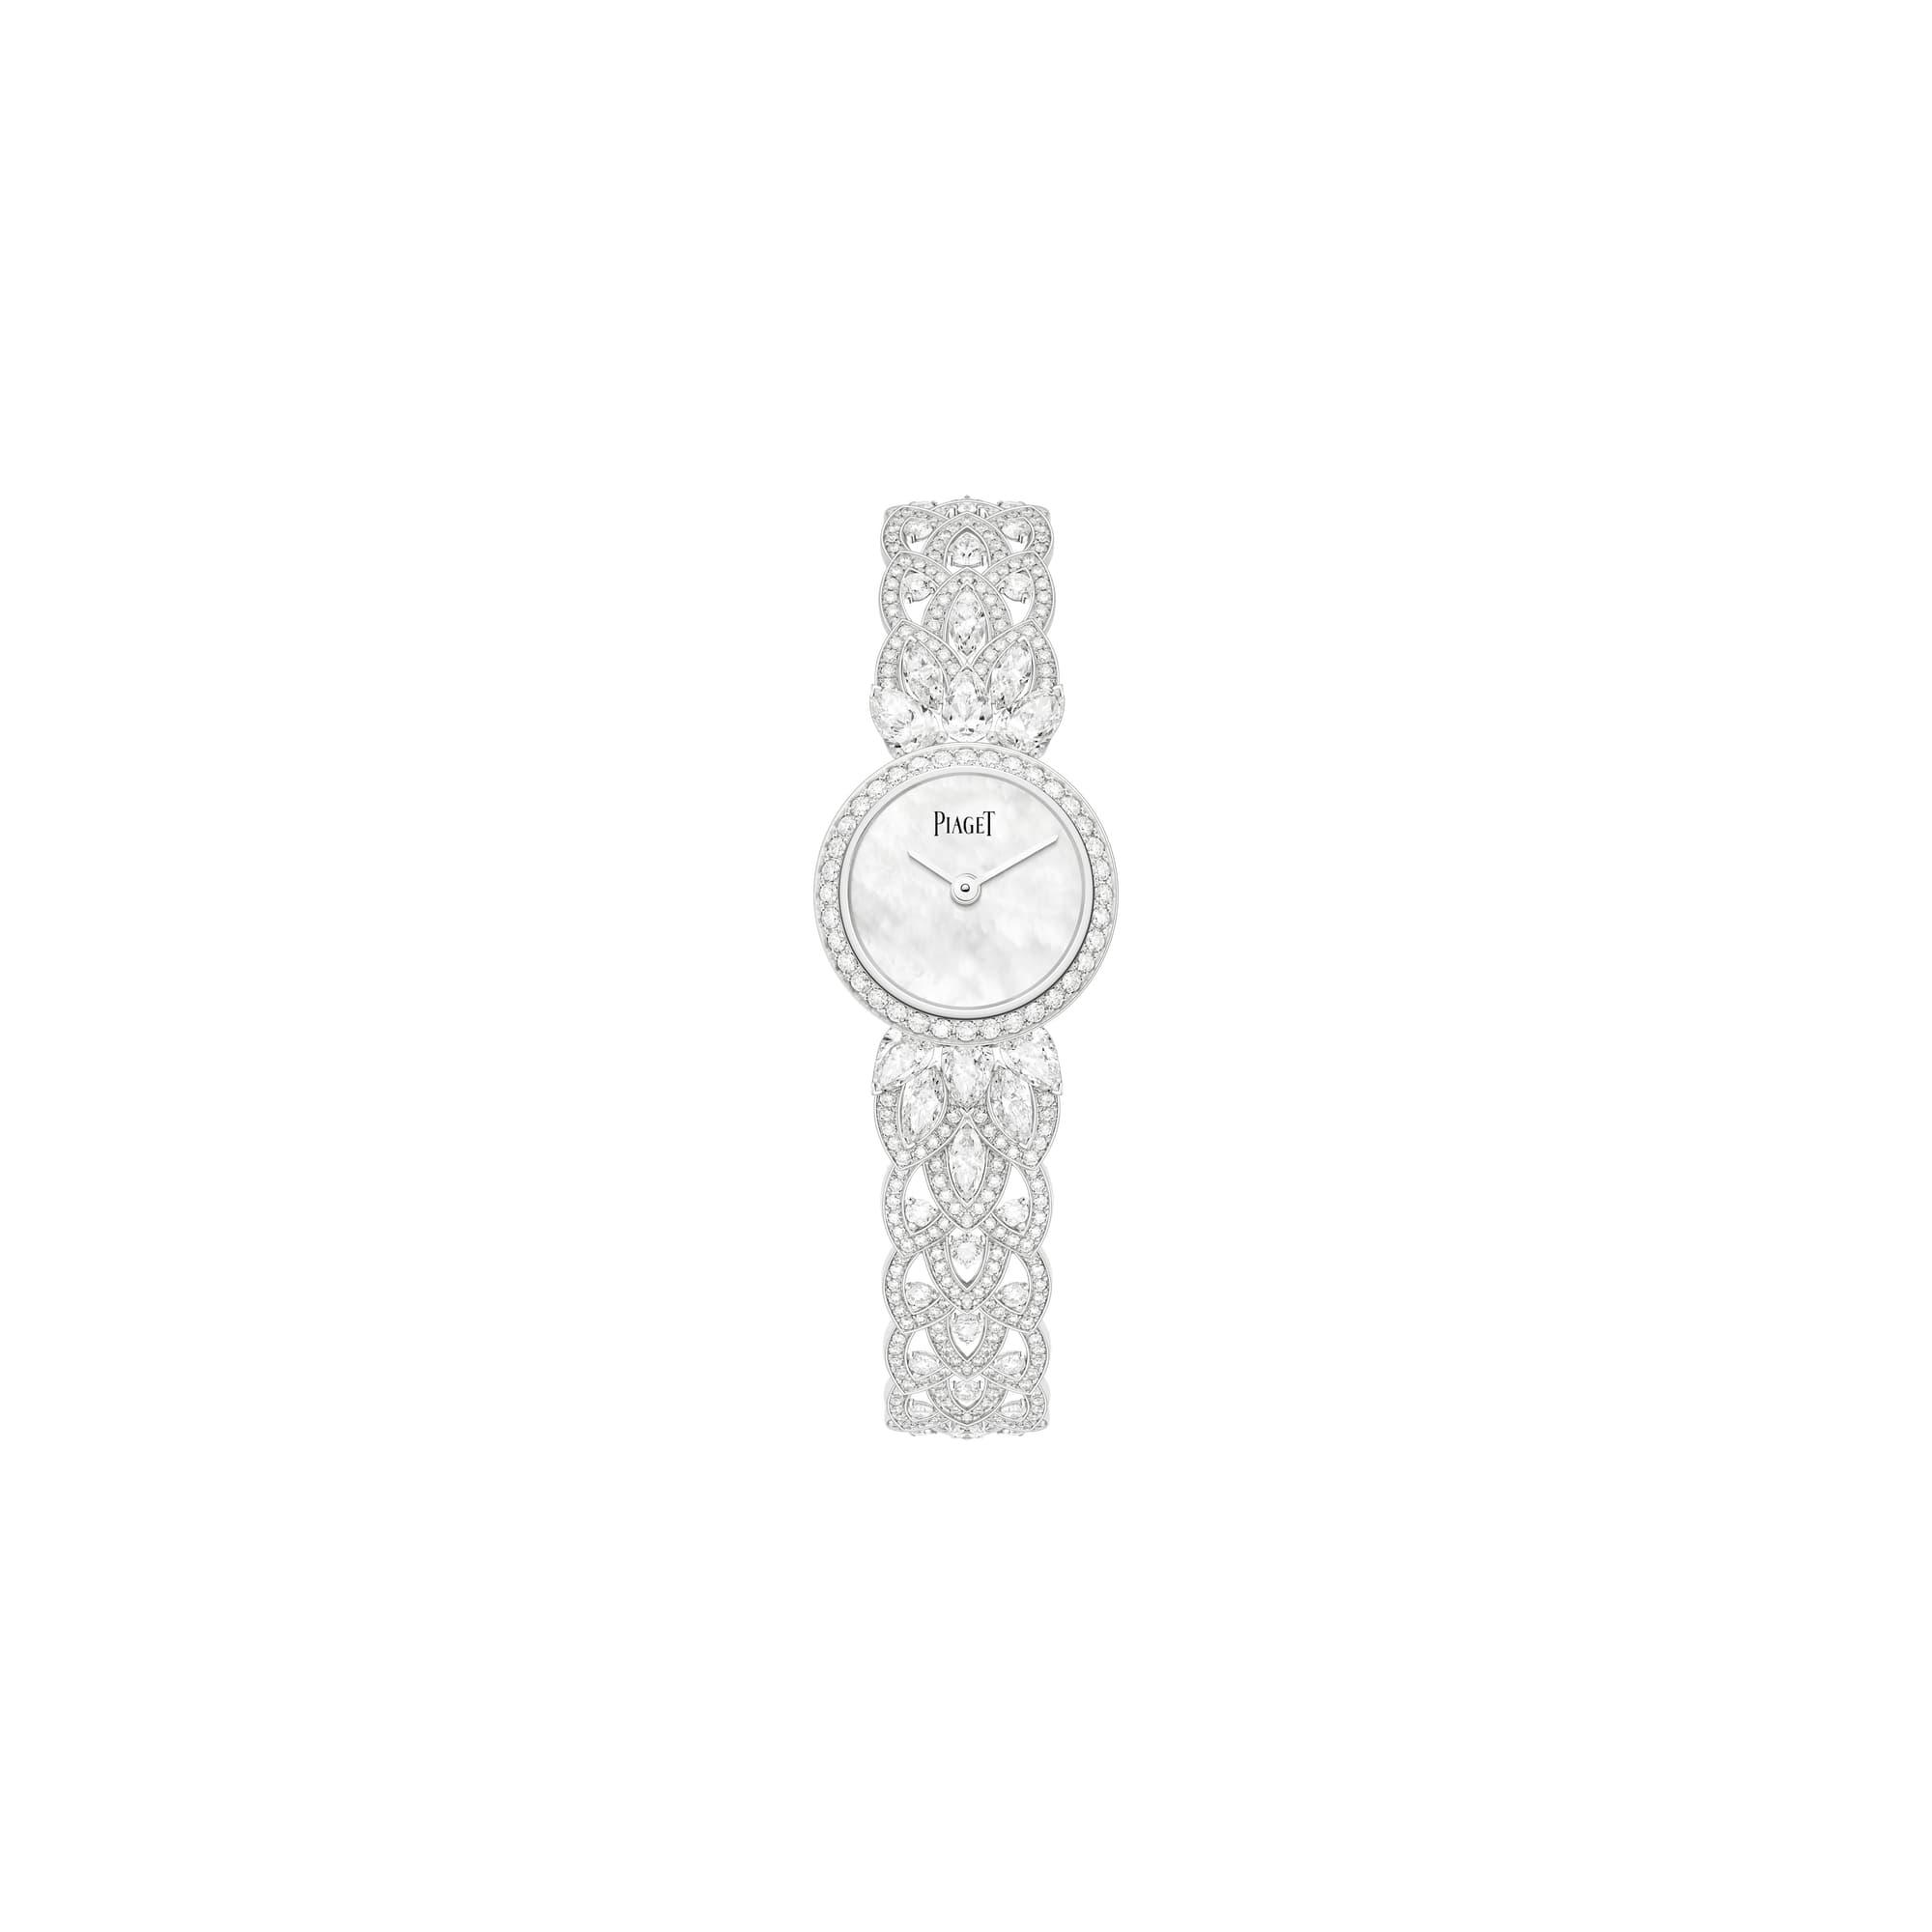 피아제 하이 주얼리 골드 다이아몬드 시계